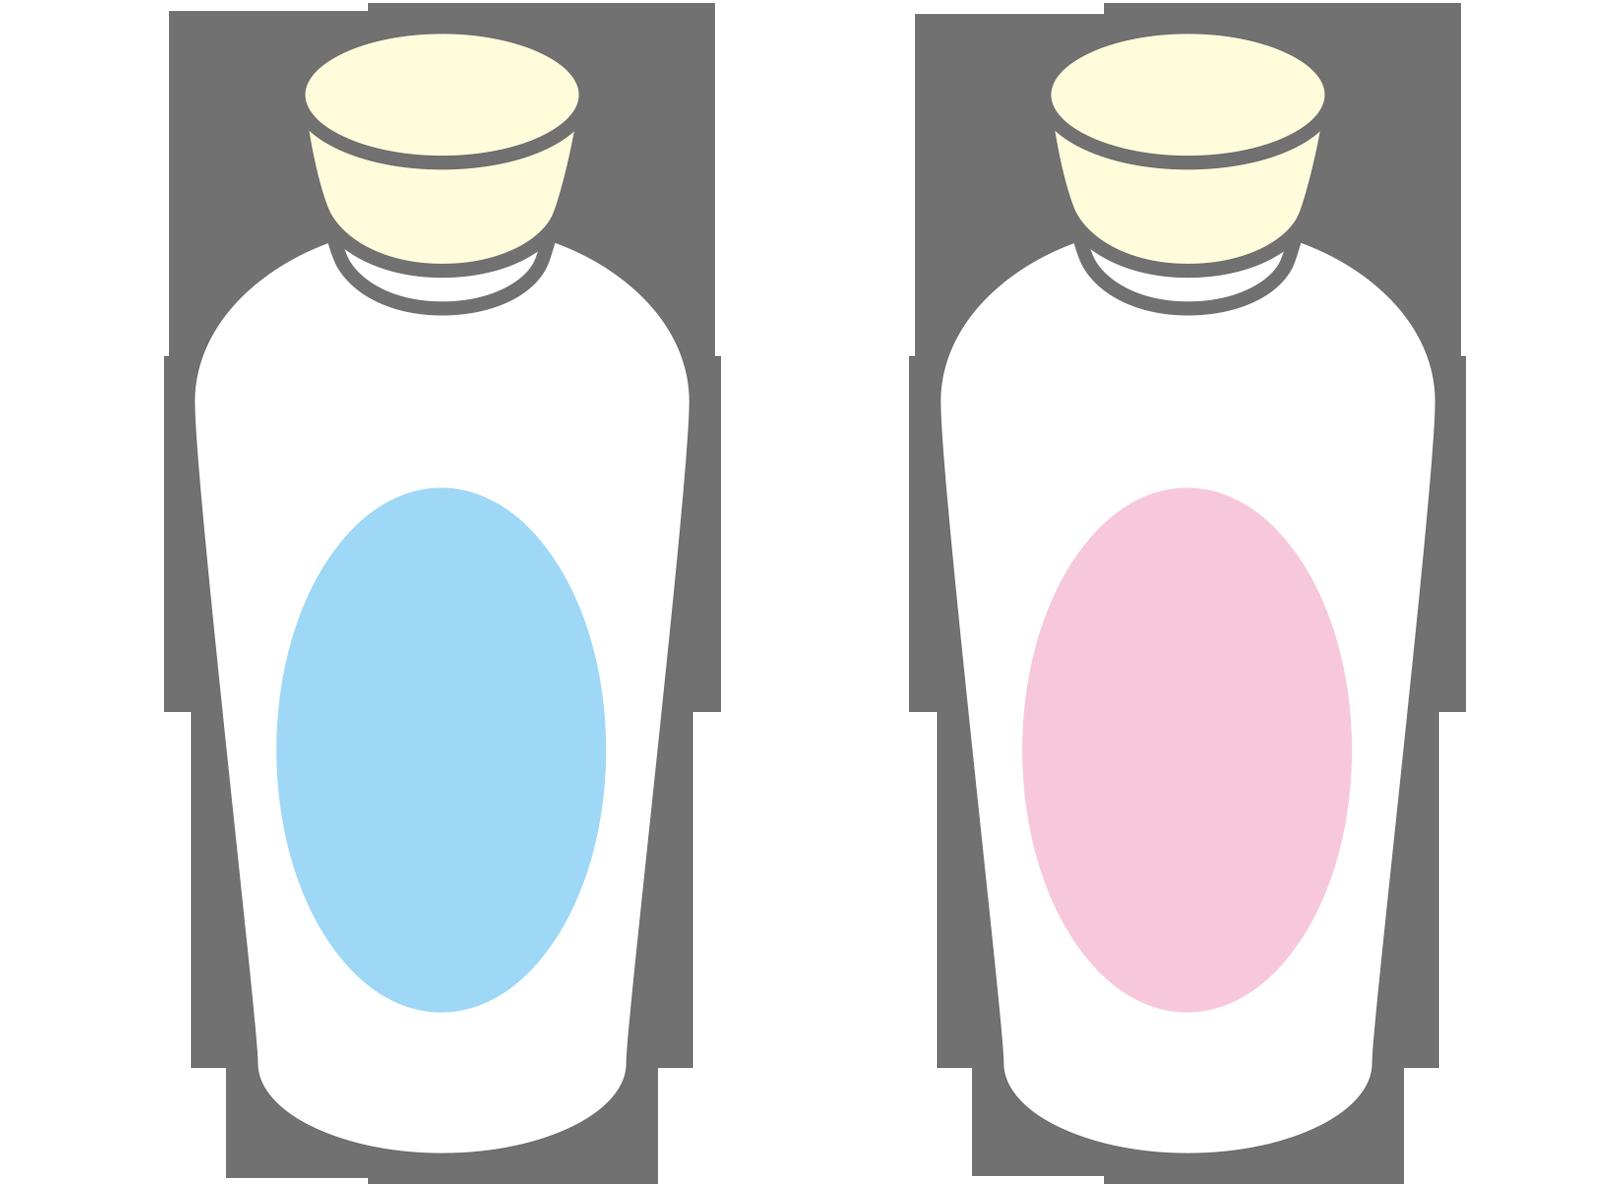 「一般新生児」に対しては、保湿剤やシンバイオティクスによるアトピー性皮膚炎発症予防は有効ではない